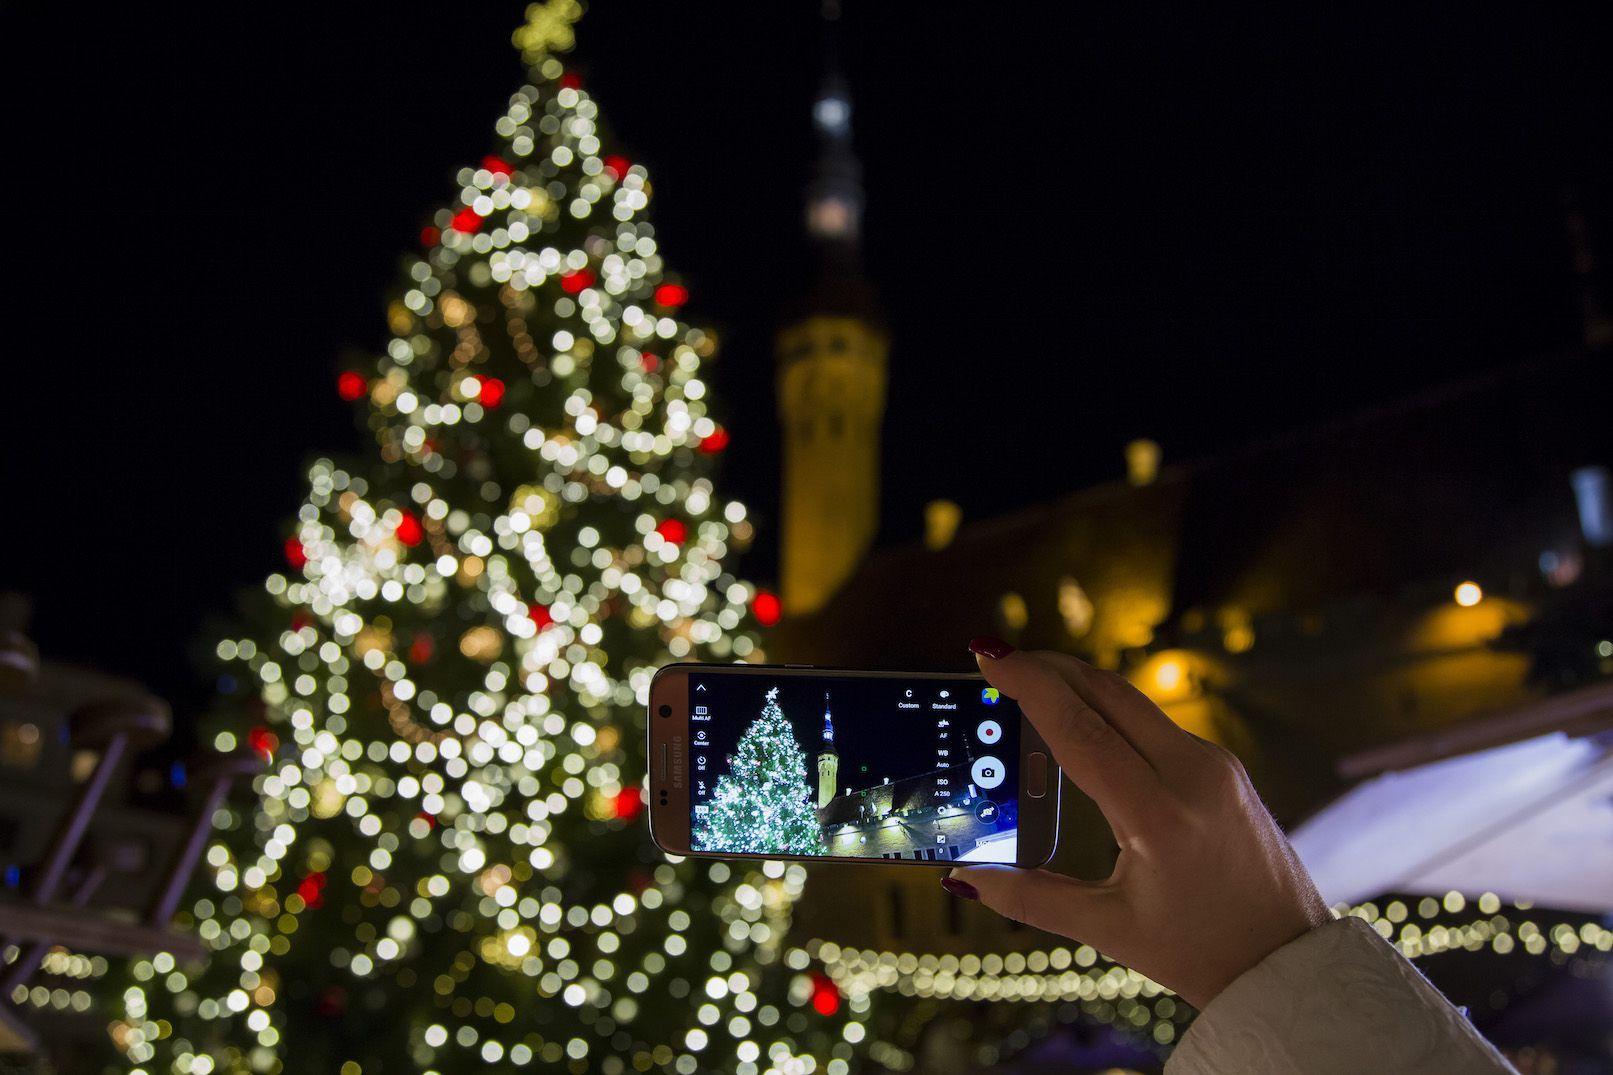 Nõuanded, kuidas nutitelefoniga jõuluajast nauditavaid videoid teha